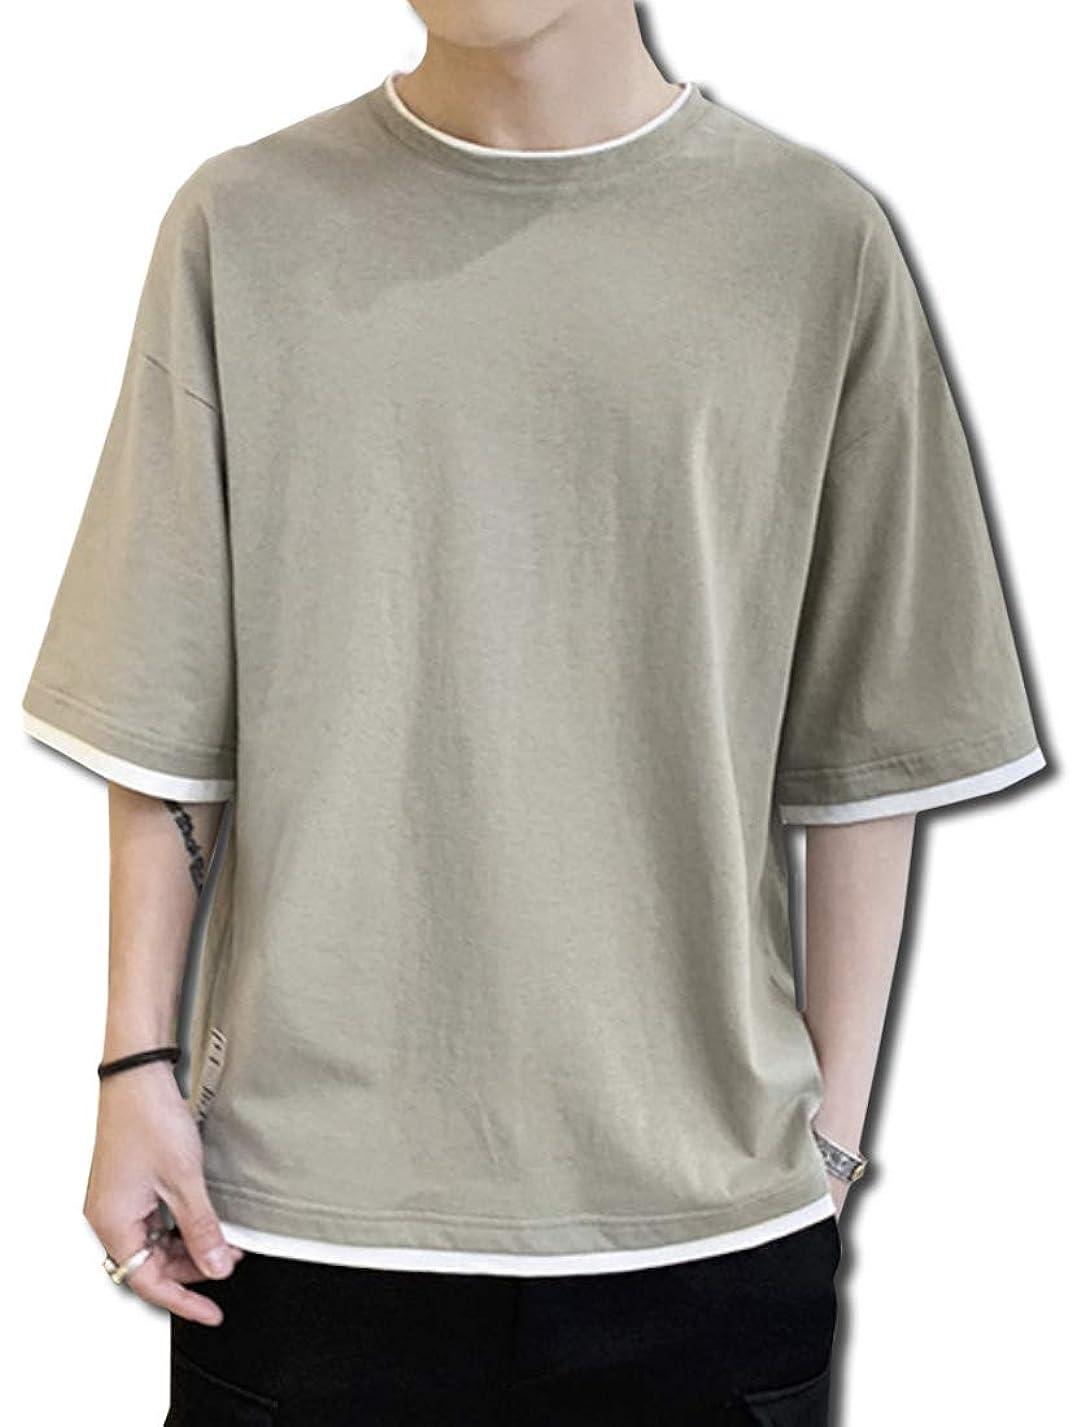 そうつなぐカイウス[Bolso] 重ね着風 ゆったり シルエット 5分袖 Tシャツ メンズ (ブラック、ホワイト、グレー、グリーン) M ~ XXL